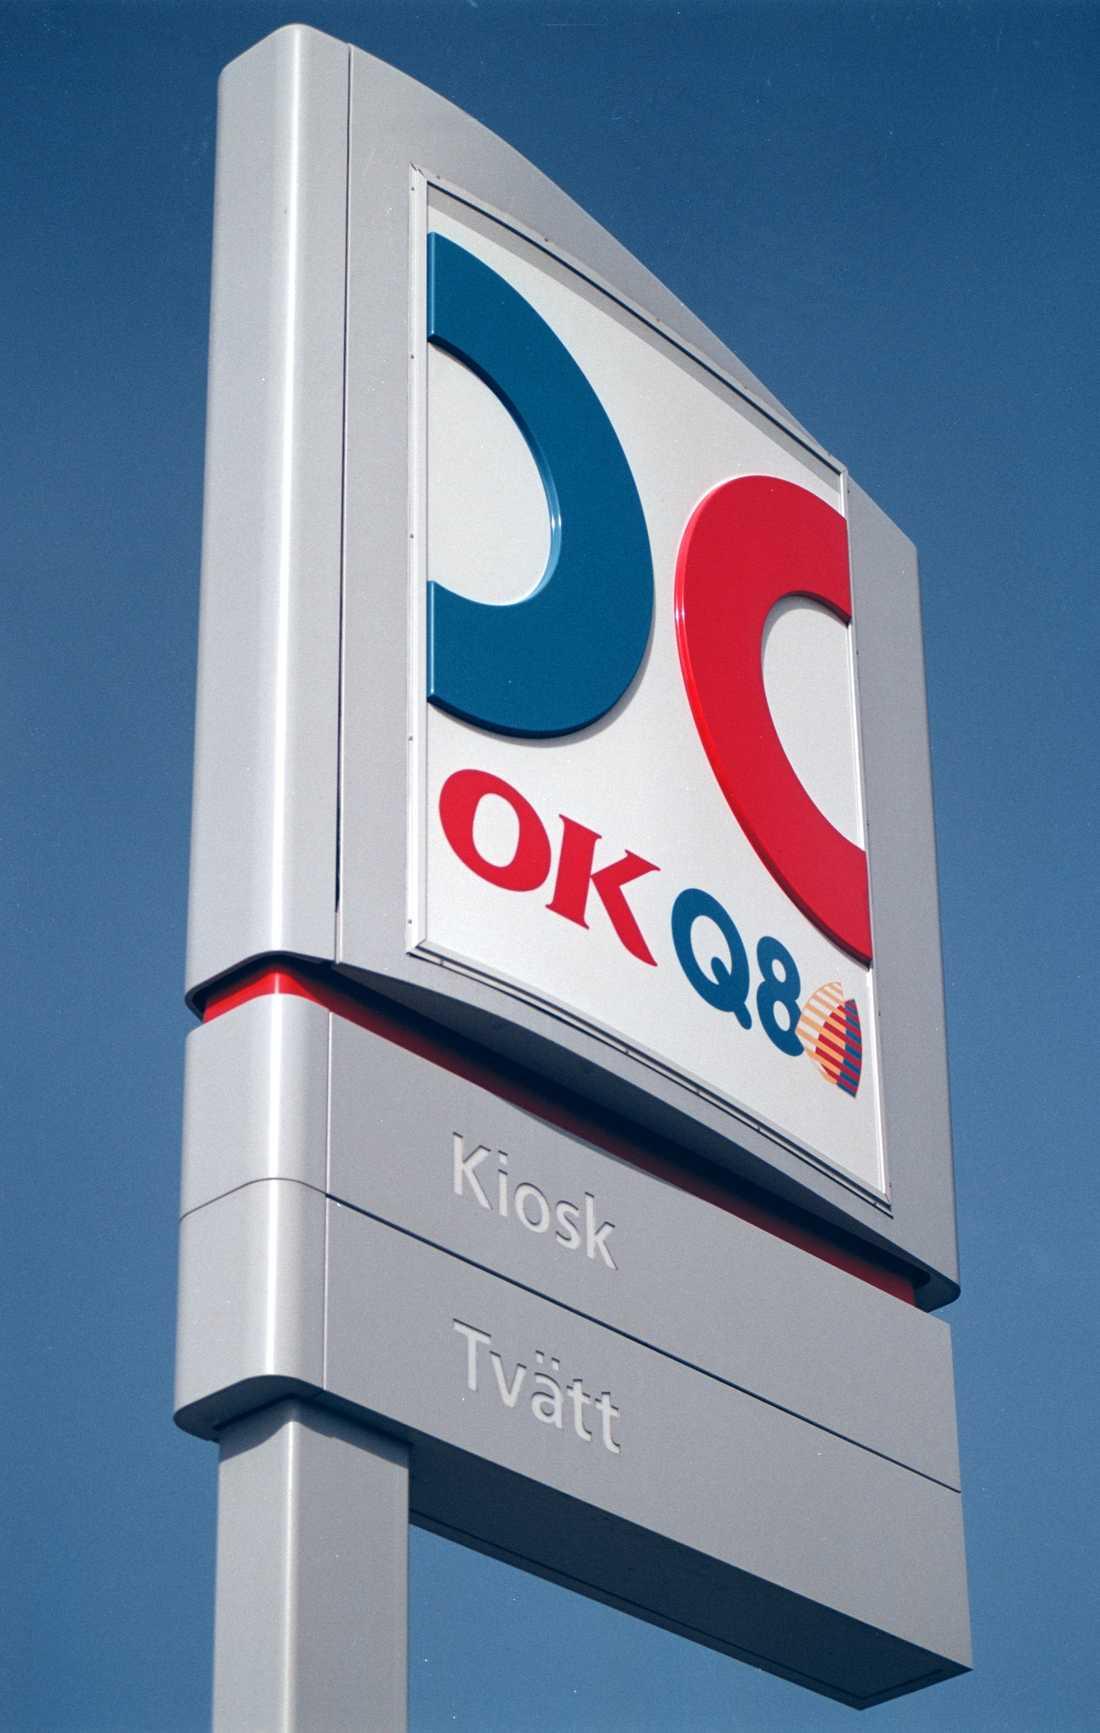 OKQ8.